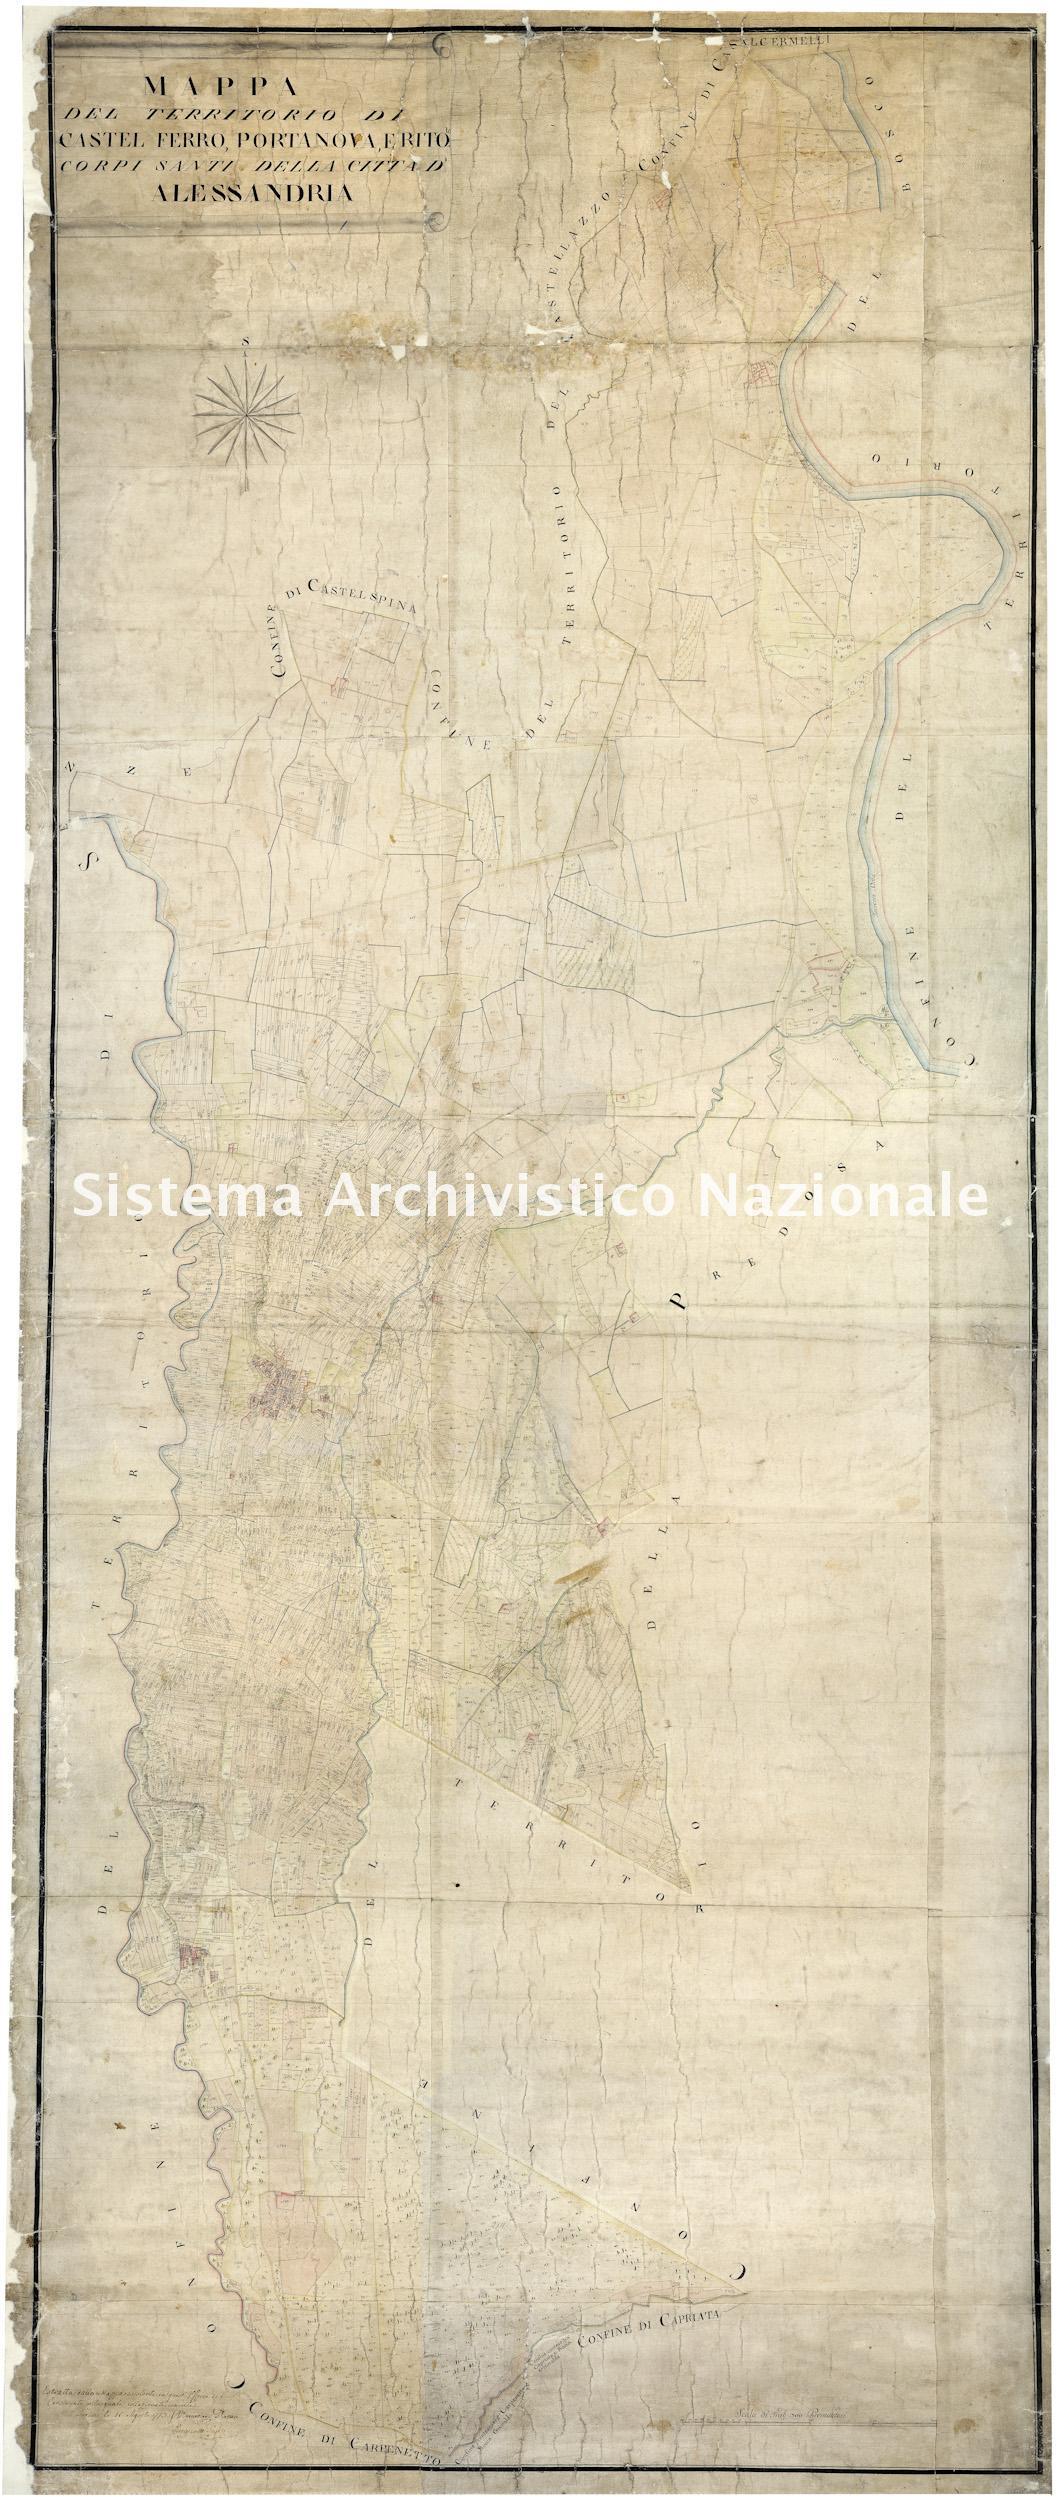 Archivio di Stato di Alessandria, Comune di Alessandria, Serie III, Catasto sabaudo, Mappe, Castelferro, Portanova, Retorto,